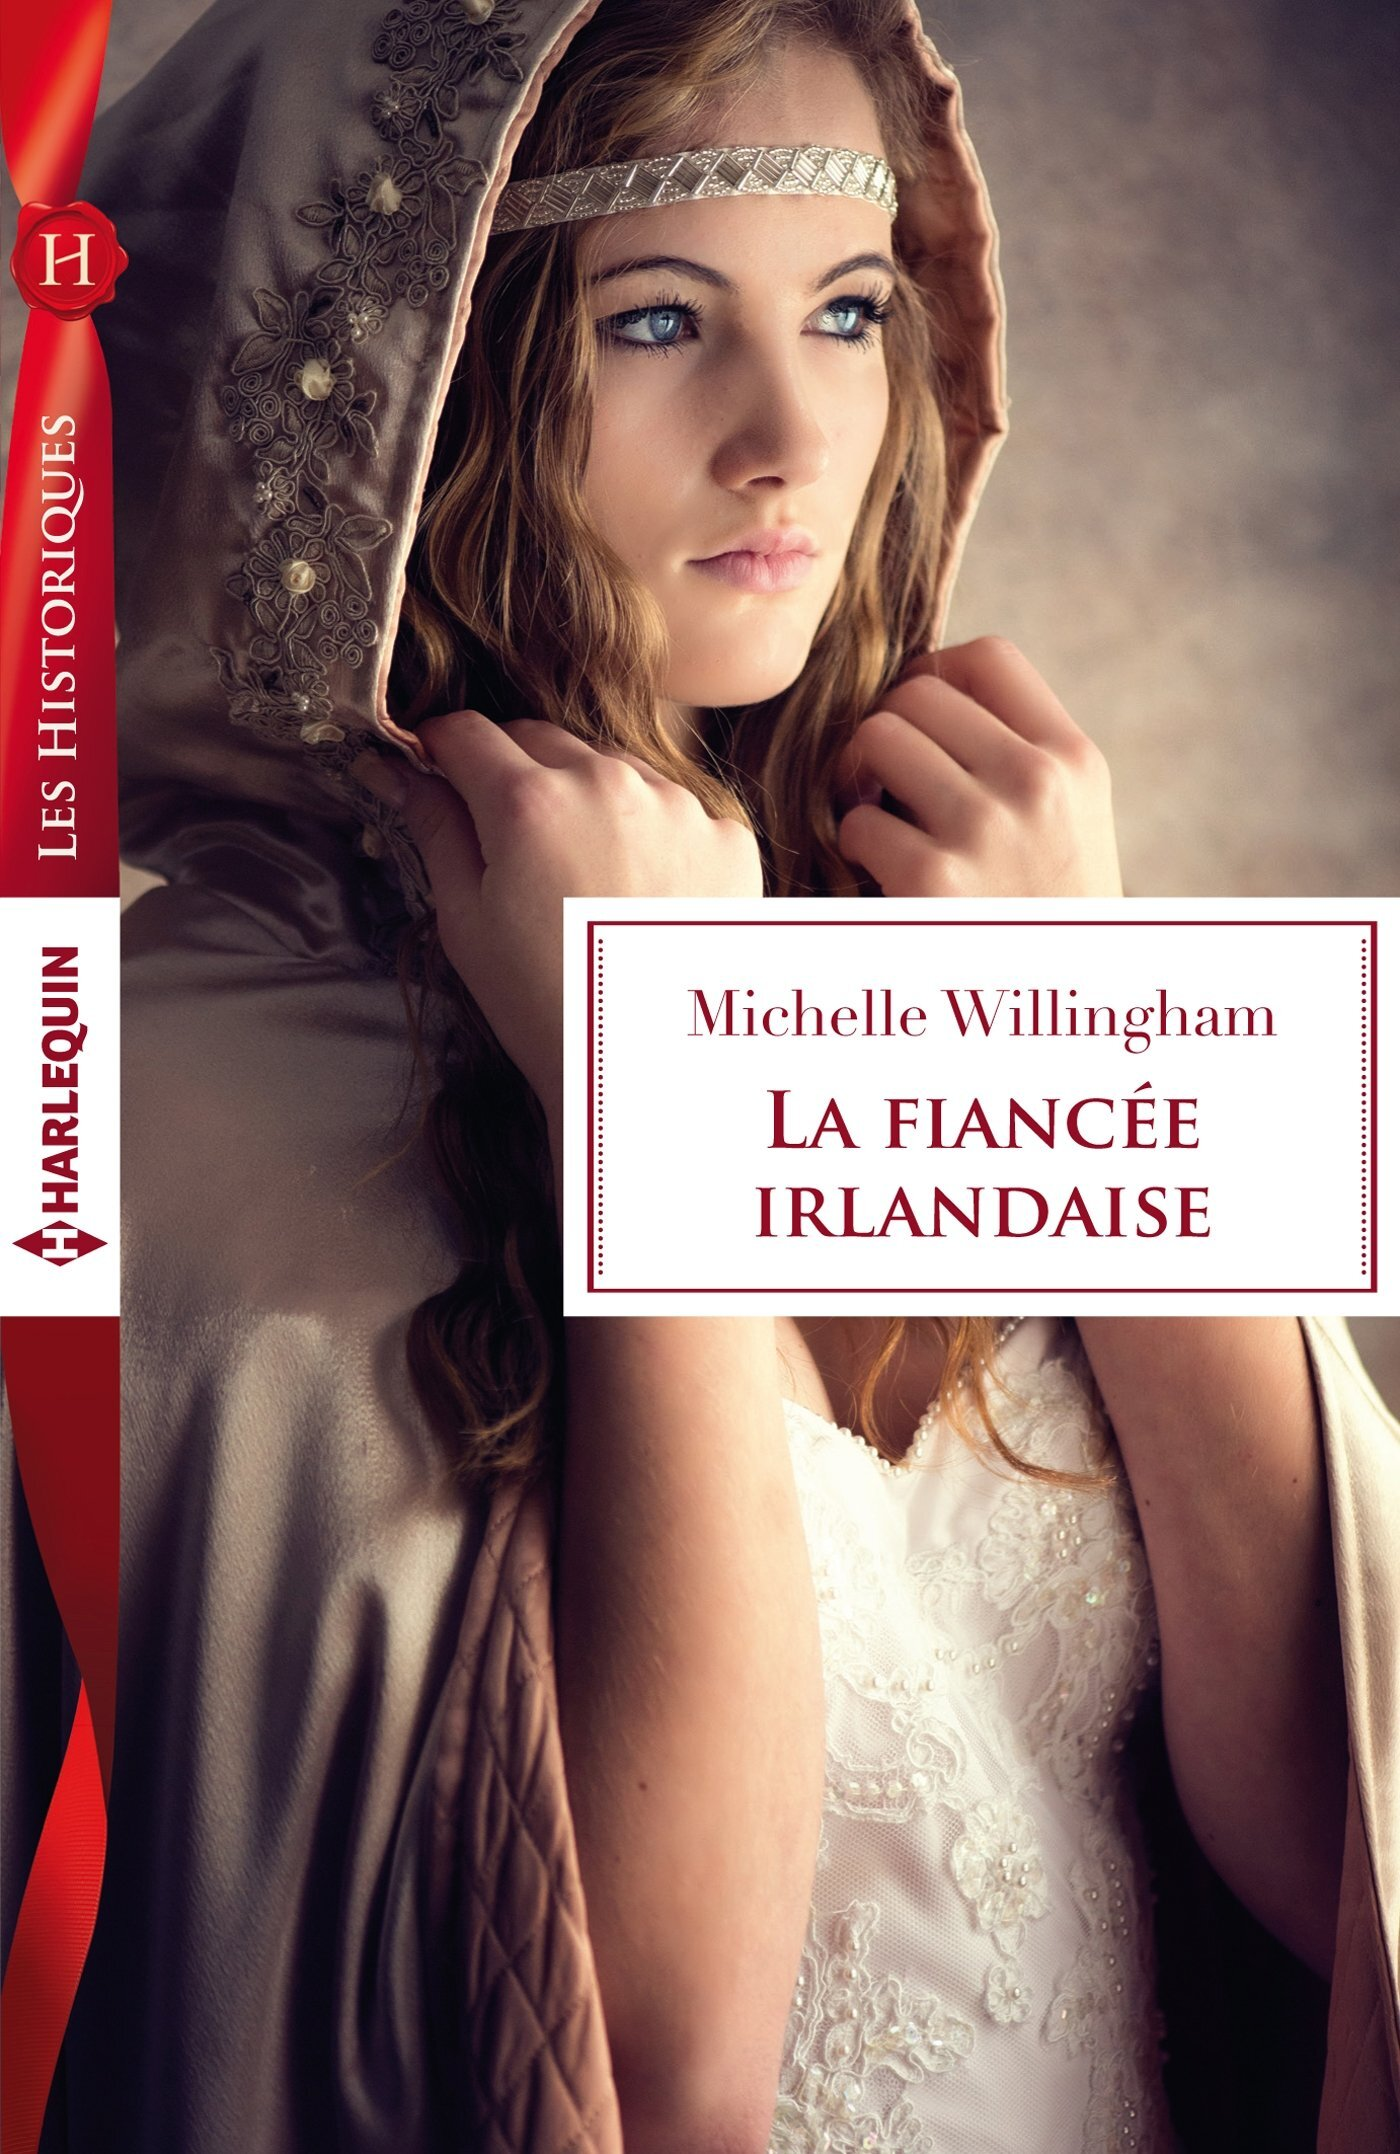 cdn1.booknode.com/book_cover/639/full/la-saga-des-macegan-tome-3-la-dame-de-rionallis-639458.jpg